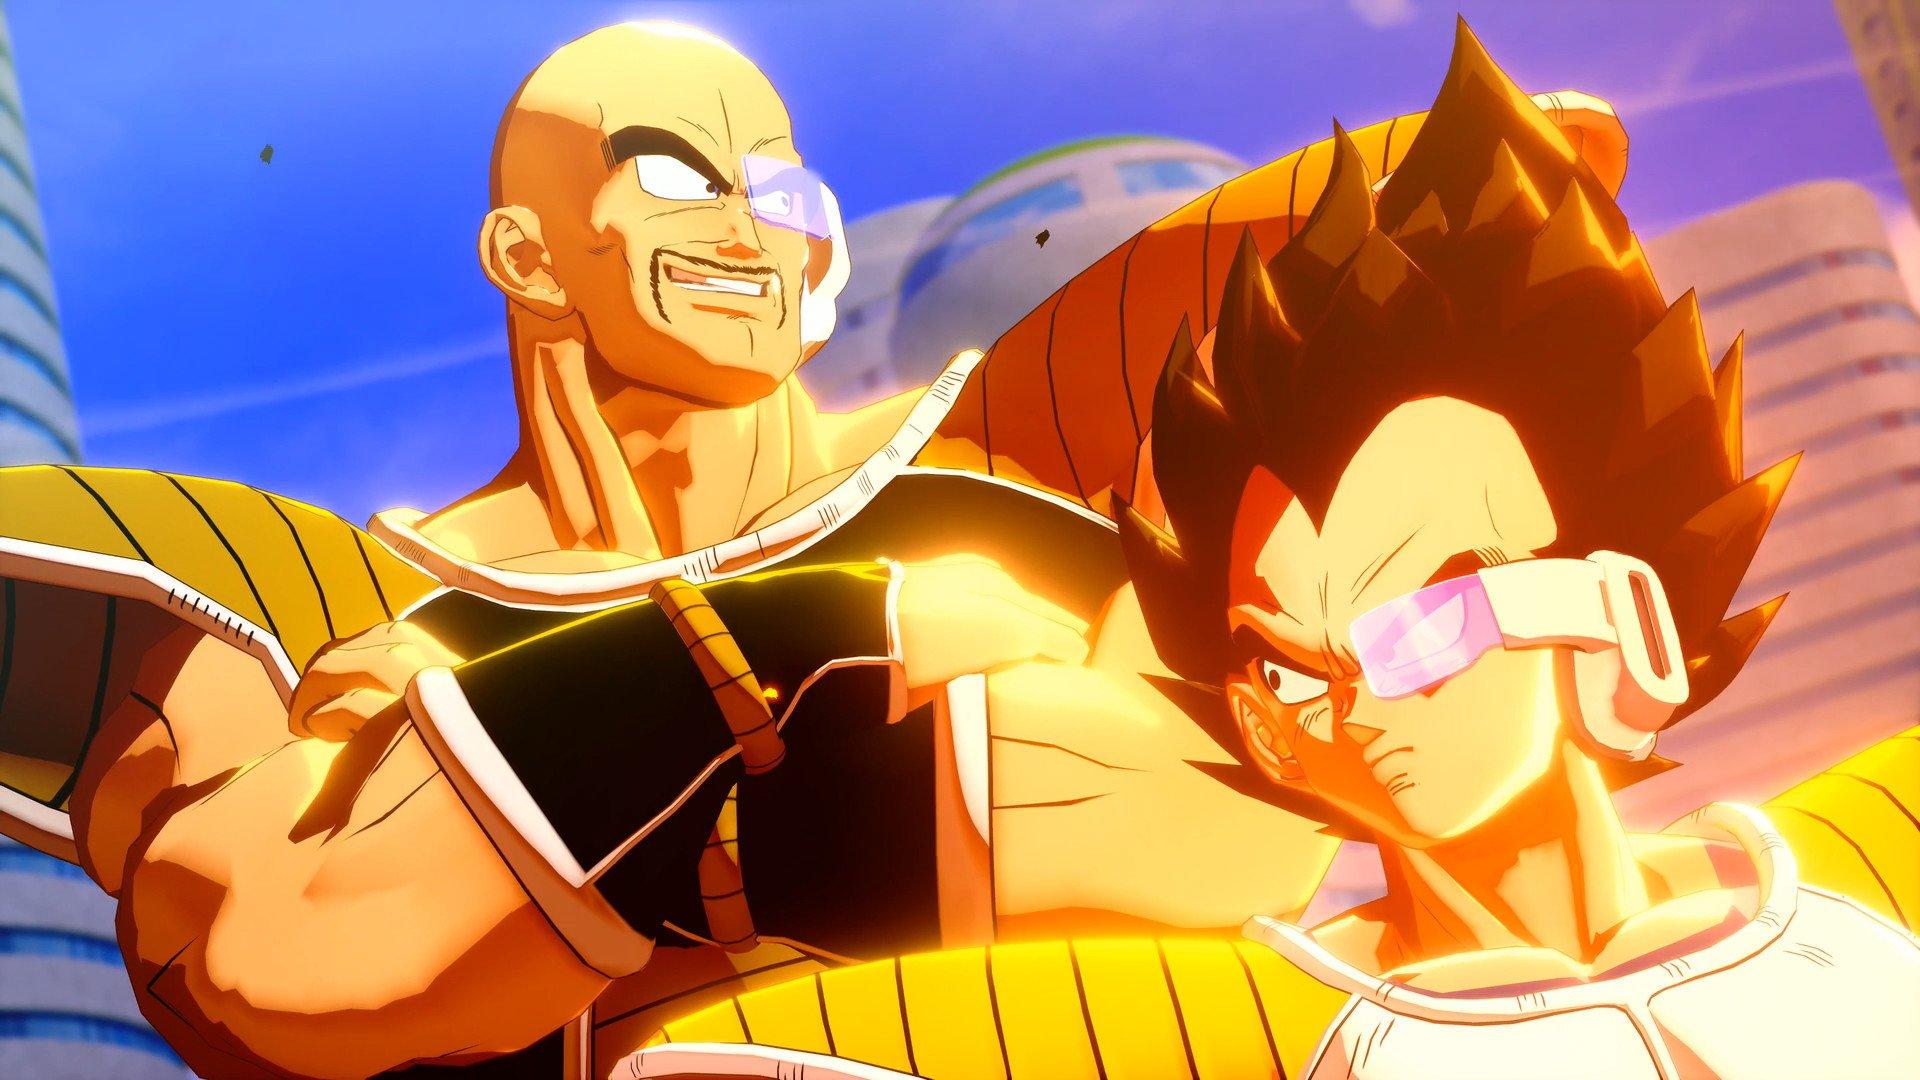 Скриншот к игре Dragon Ball Z: Kakarot [v 1.10 + DLCs] (2020) скачать торрент RePack